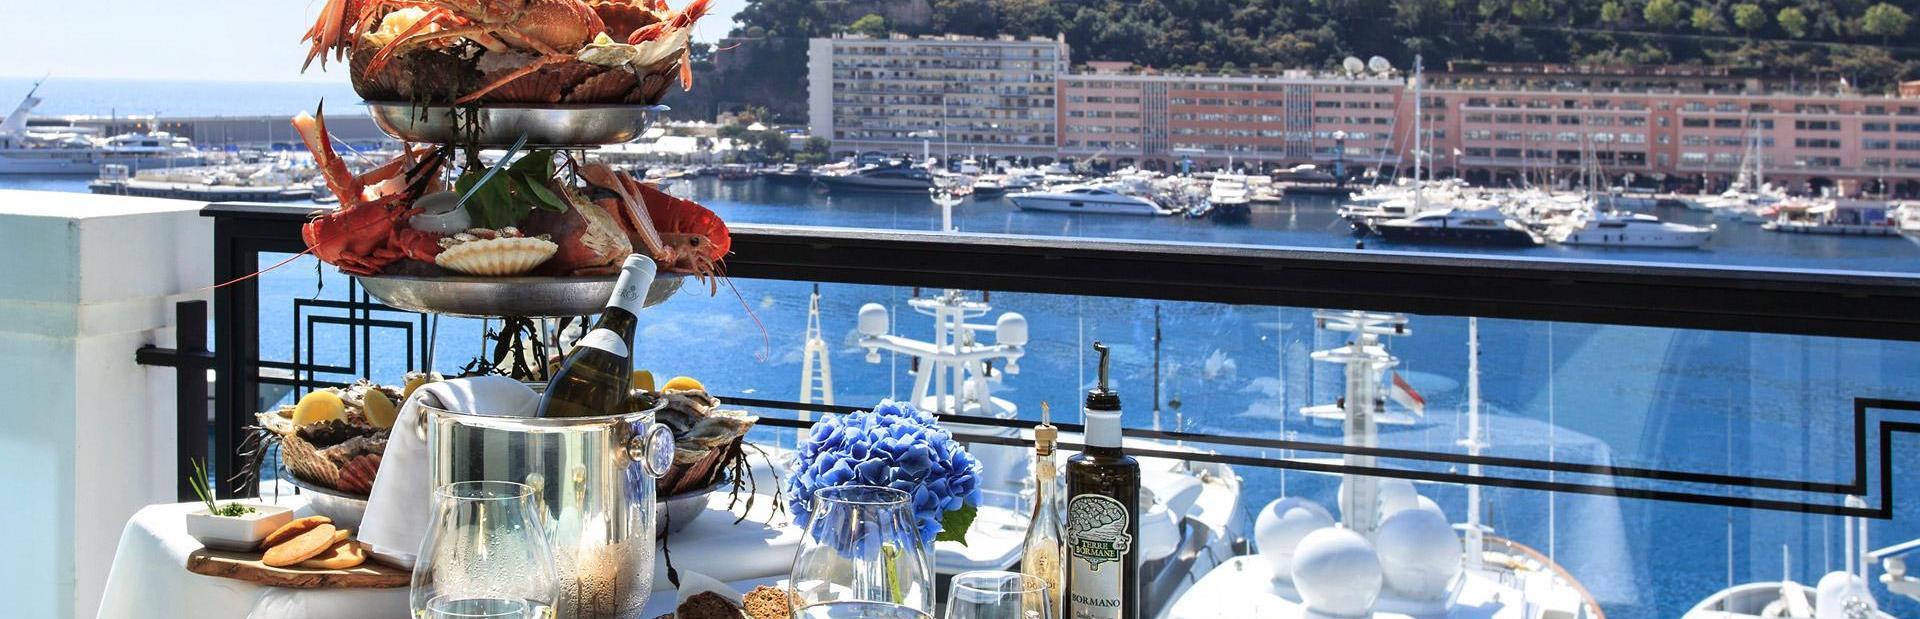 La Marée Monaco Image 1